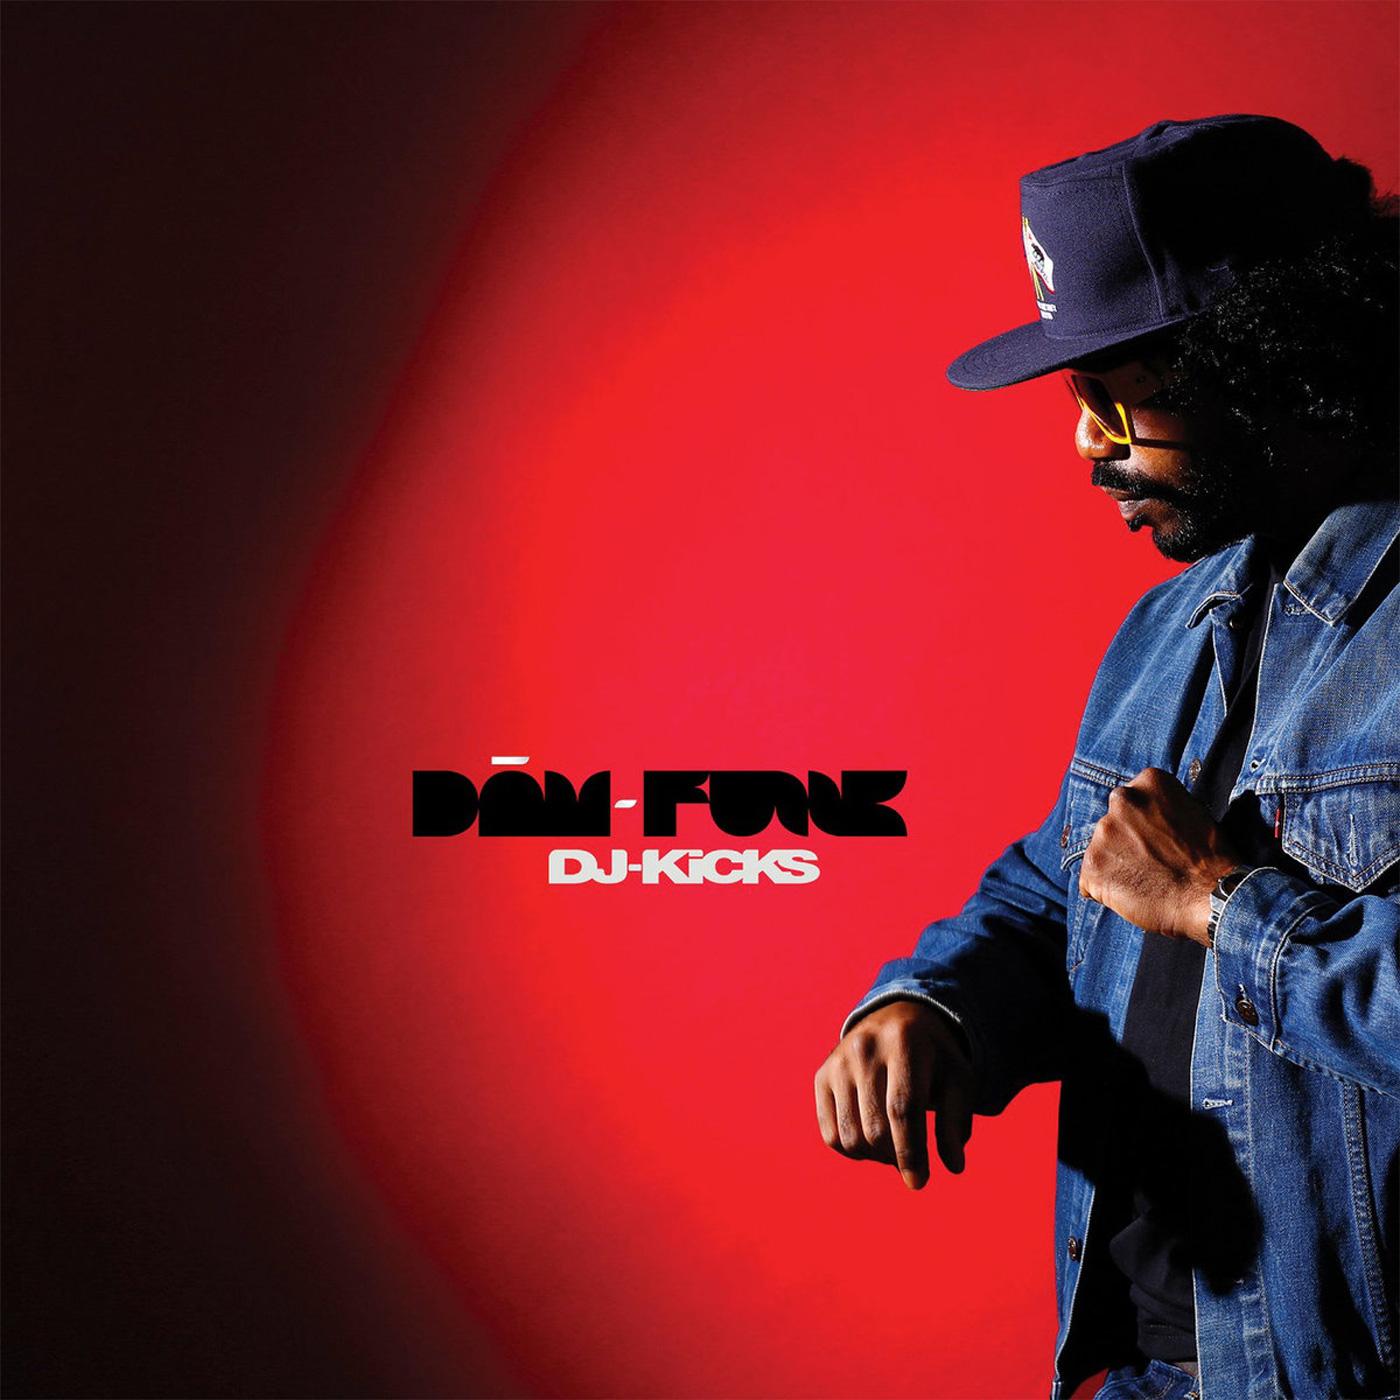 Dam-Funk DJ-Kickss